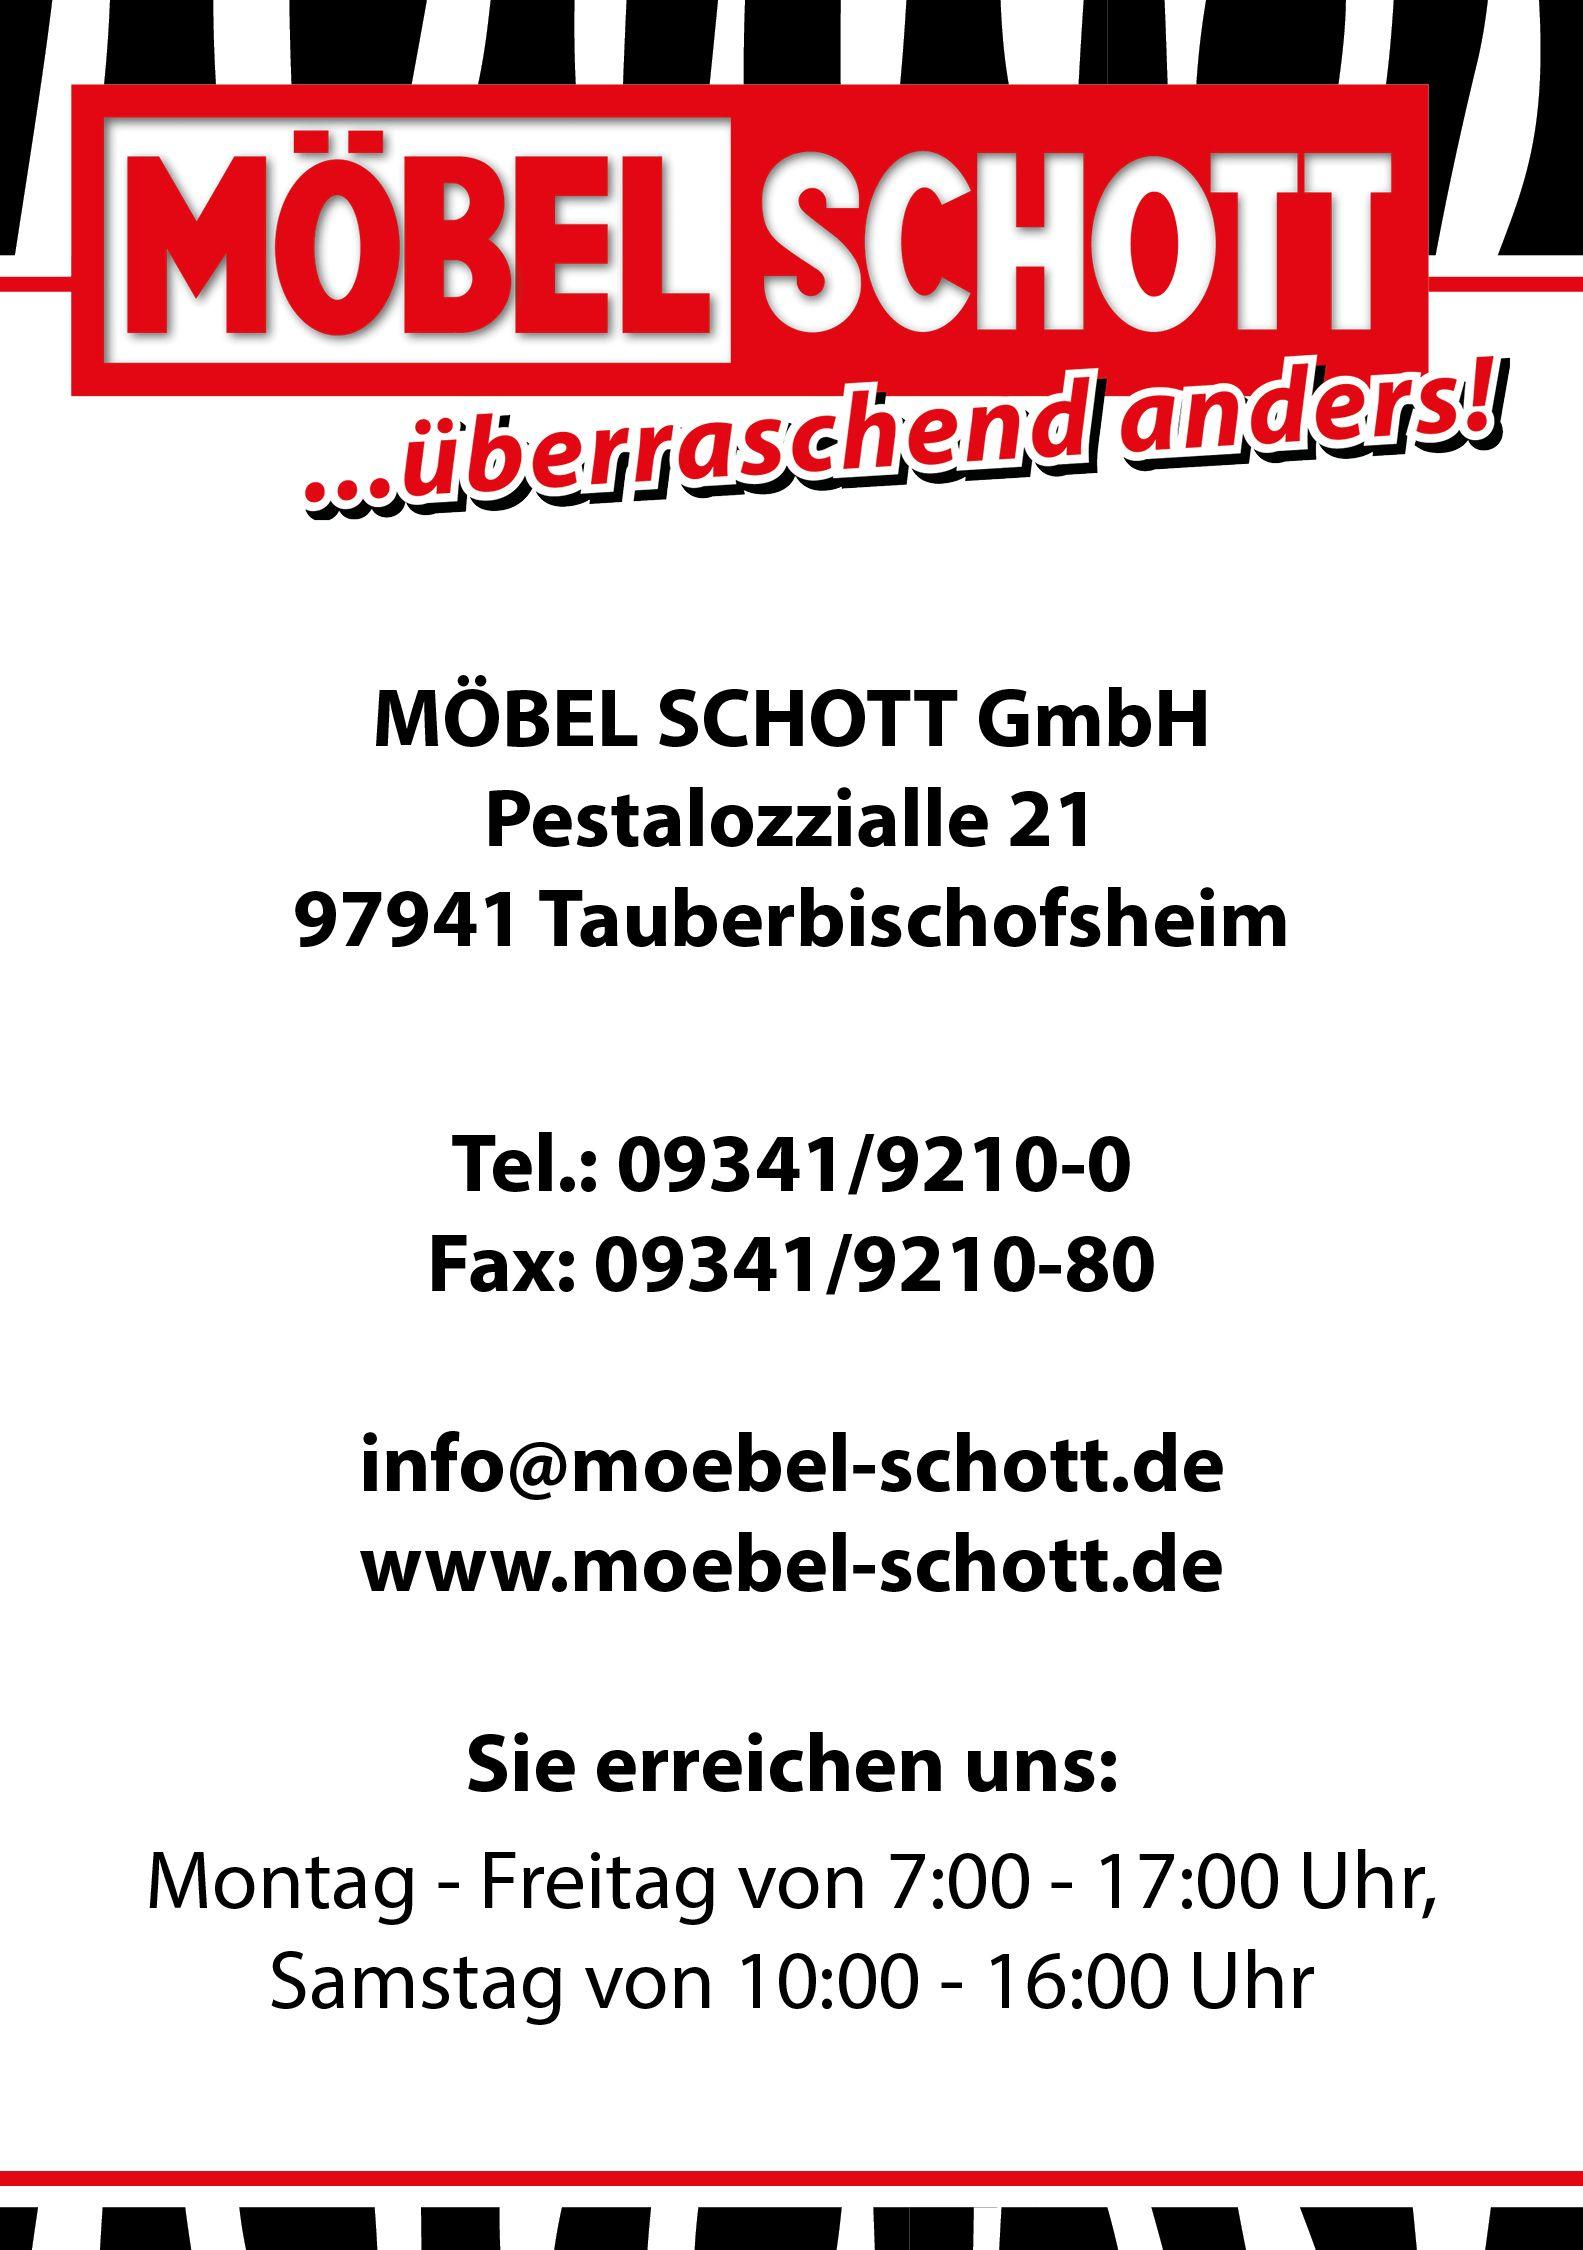 Moebel_Schott